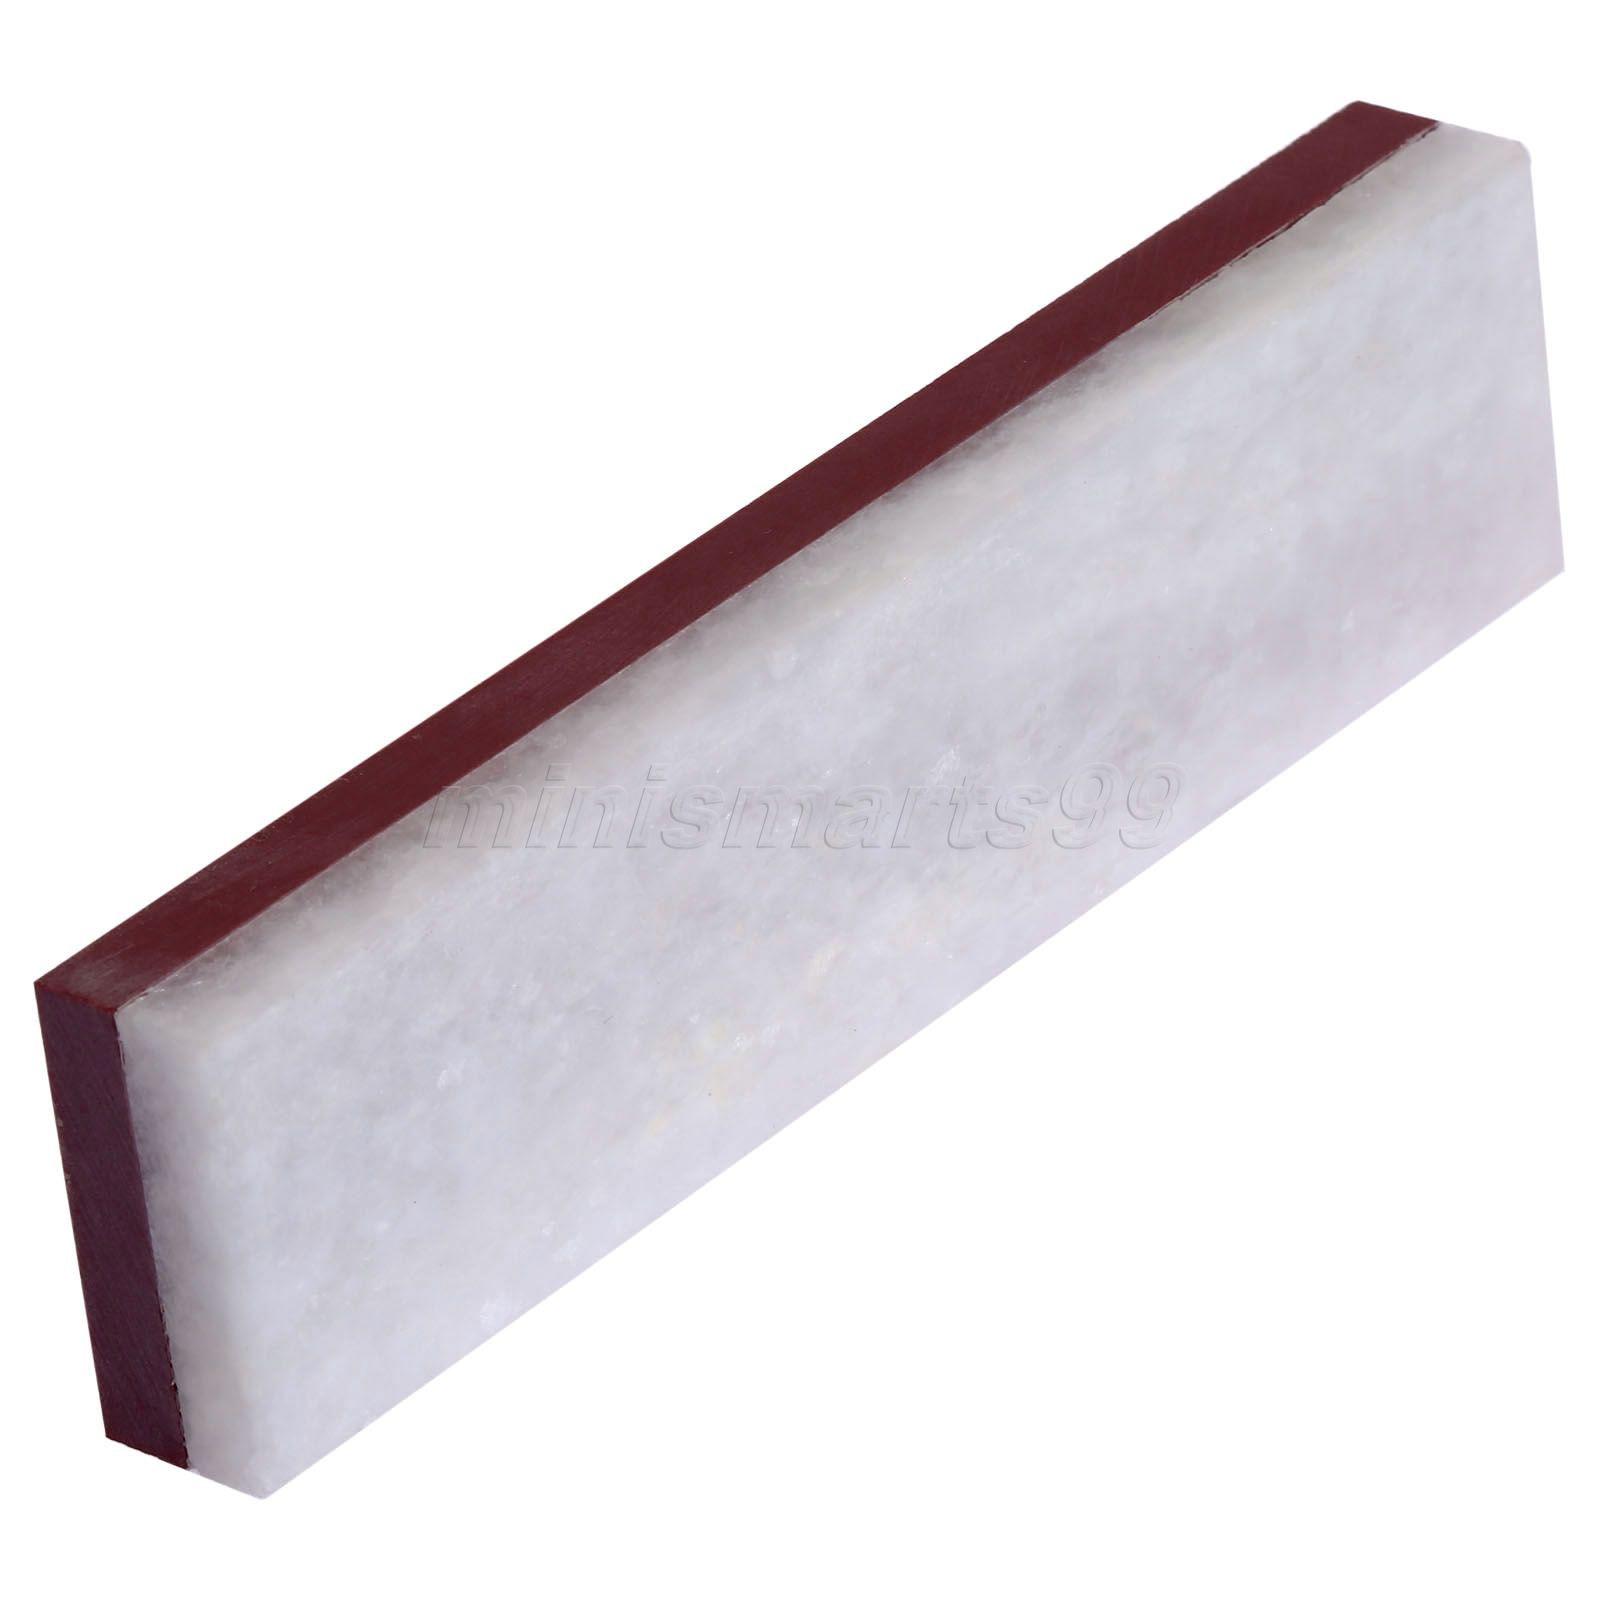 3000 és 10000 dupla oldali késhegyező kő olajkő borotva kés - Konyha, étkező és bár